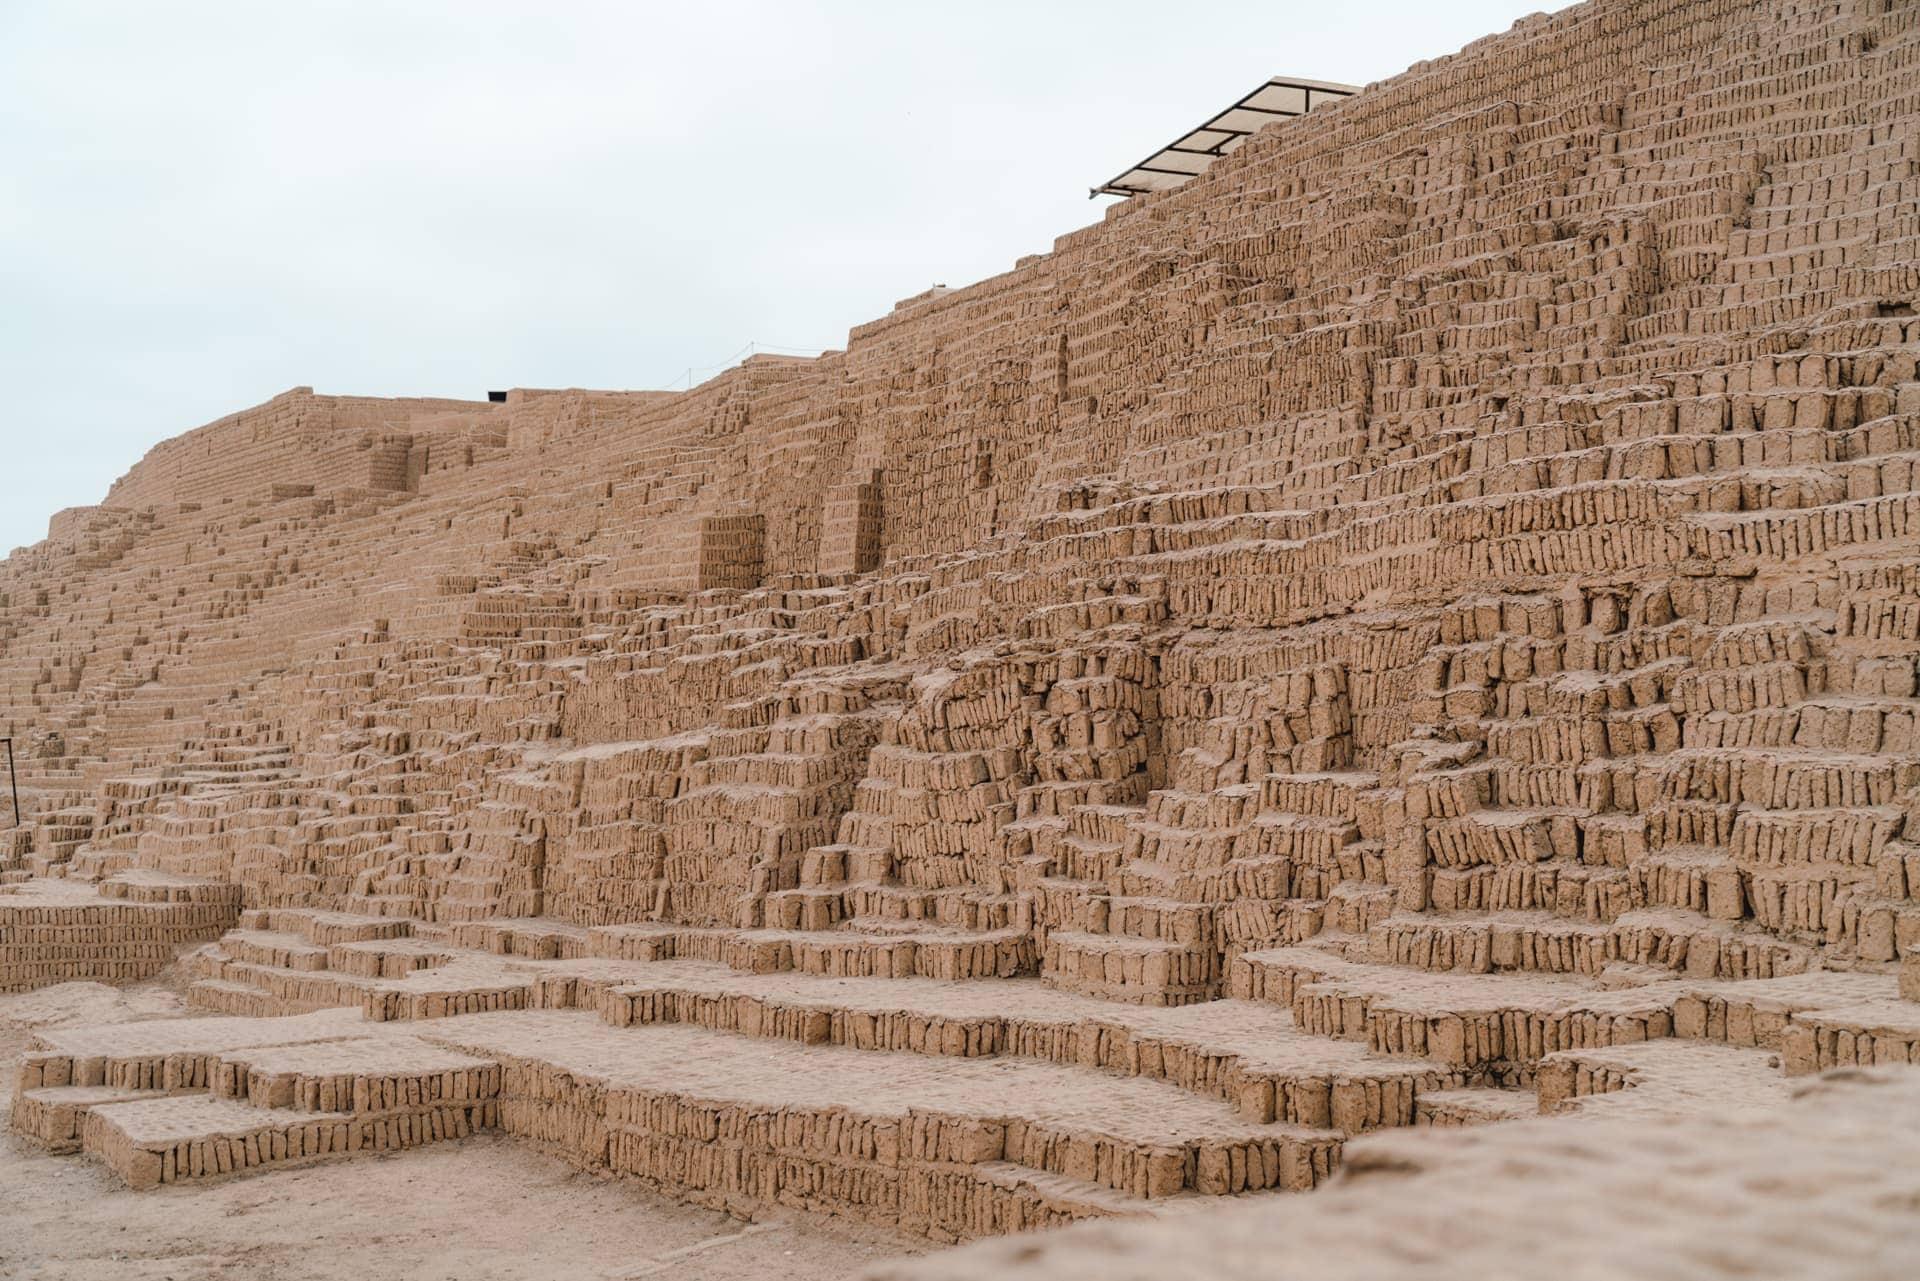 Lima Pyramid Huaca Pucllana